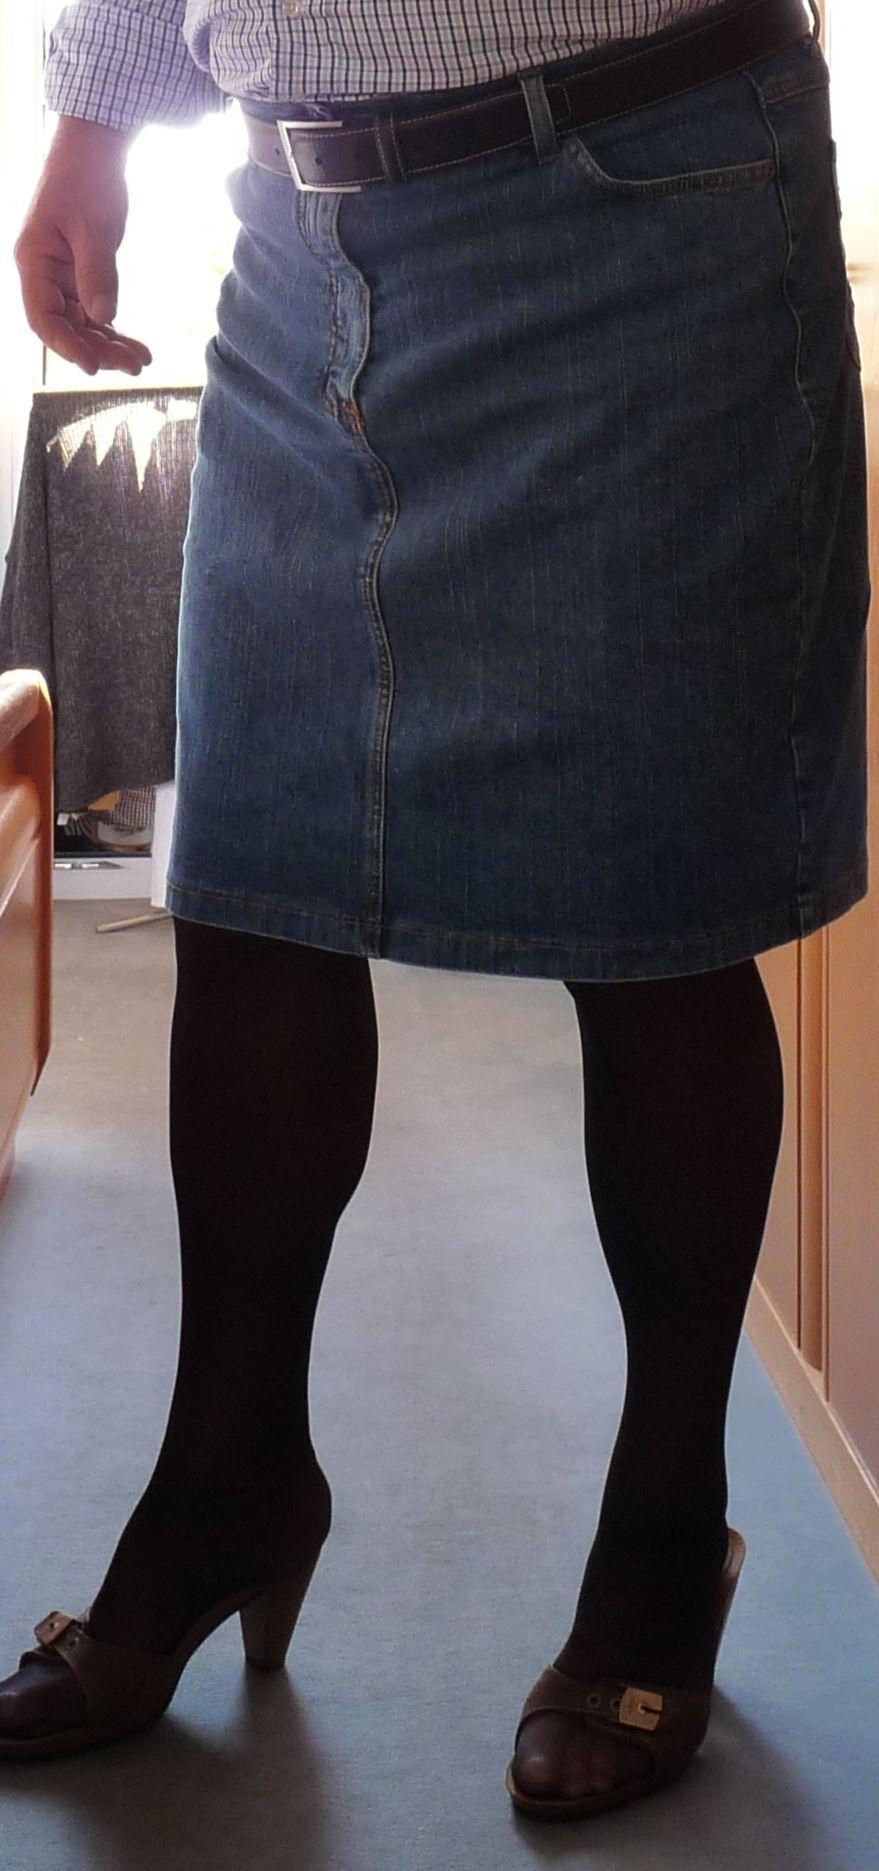 Strumpfhosen tragen mann als Shorts und